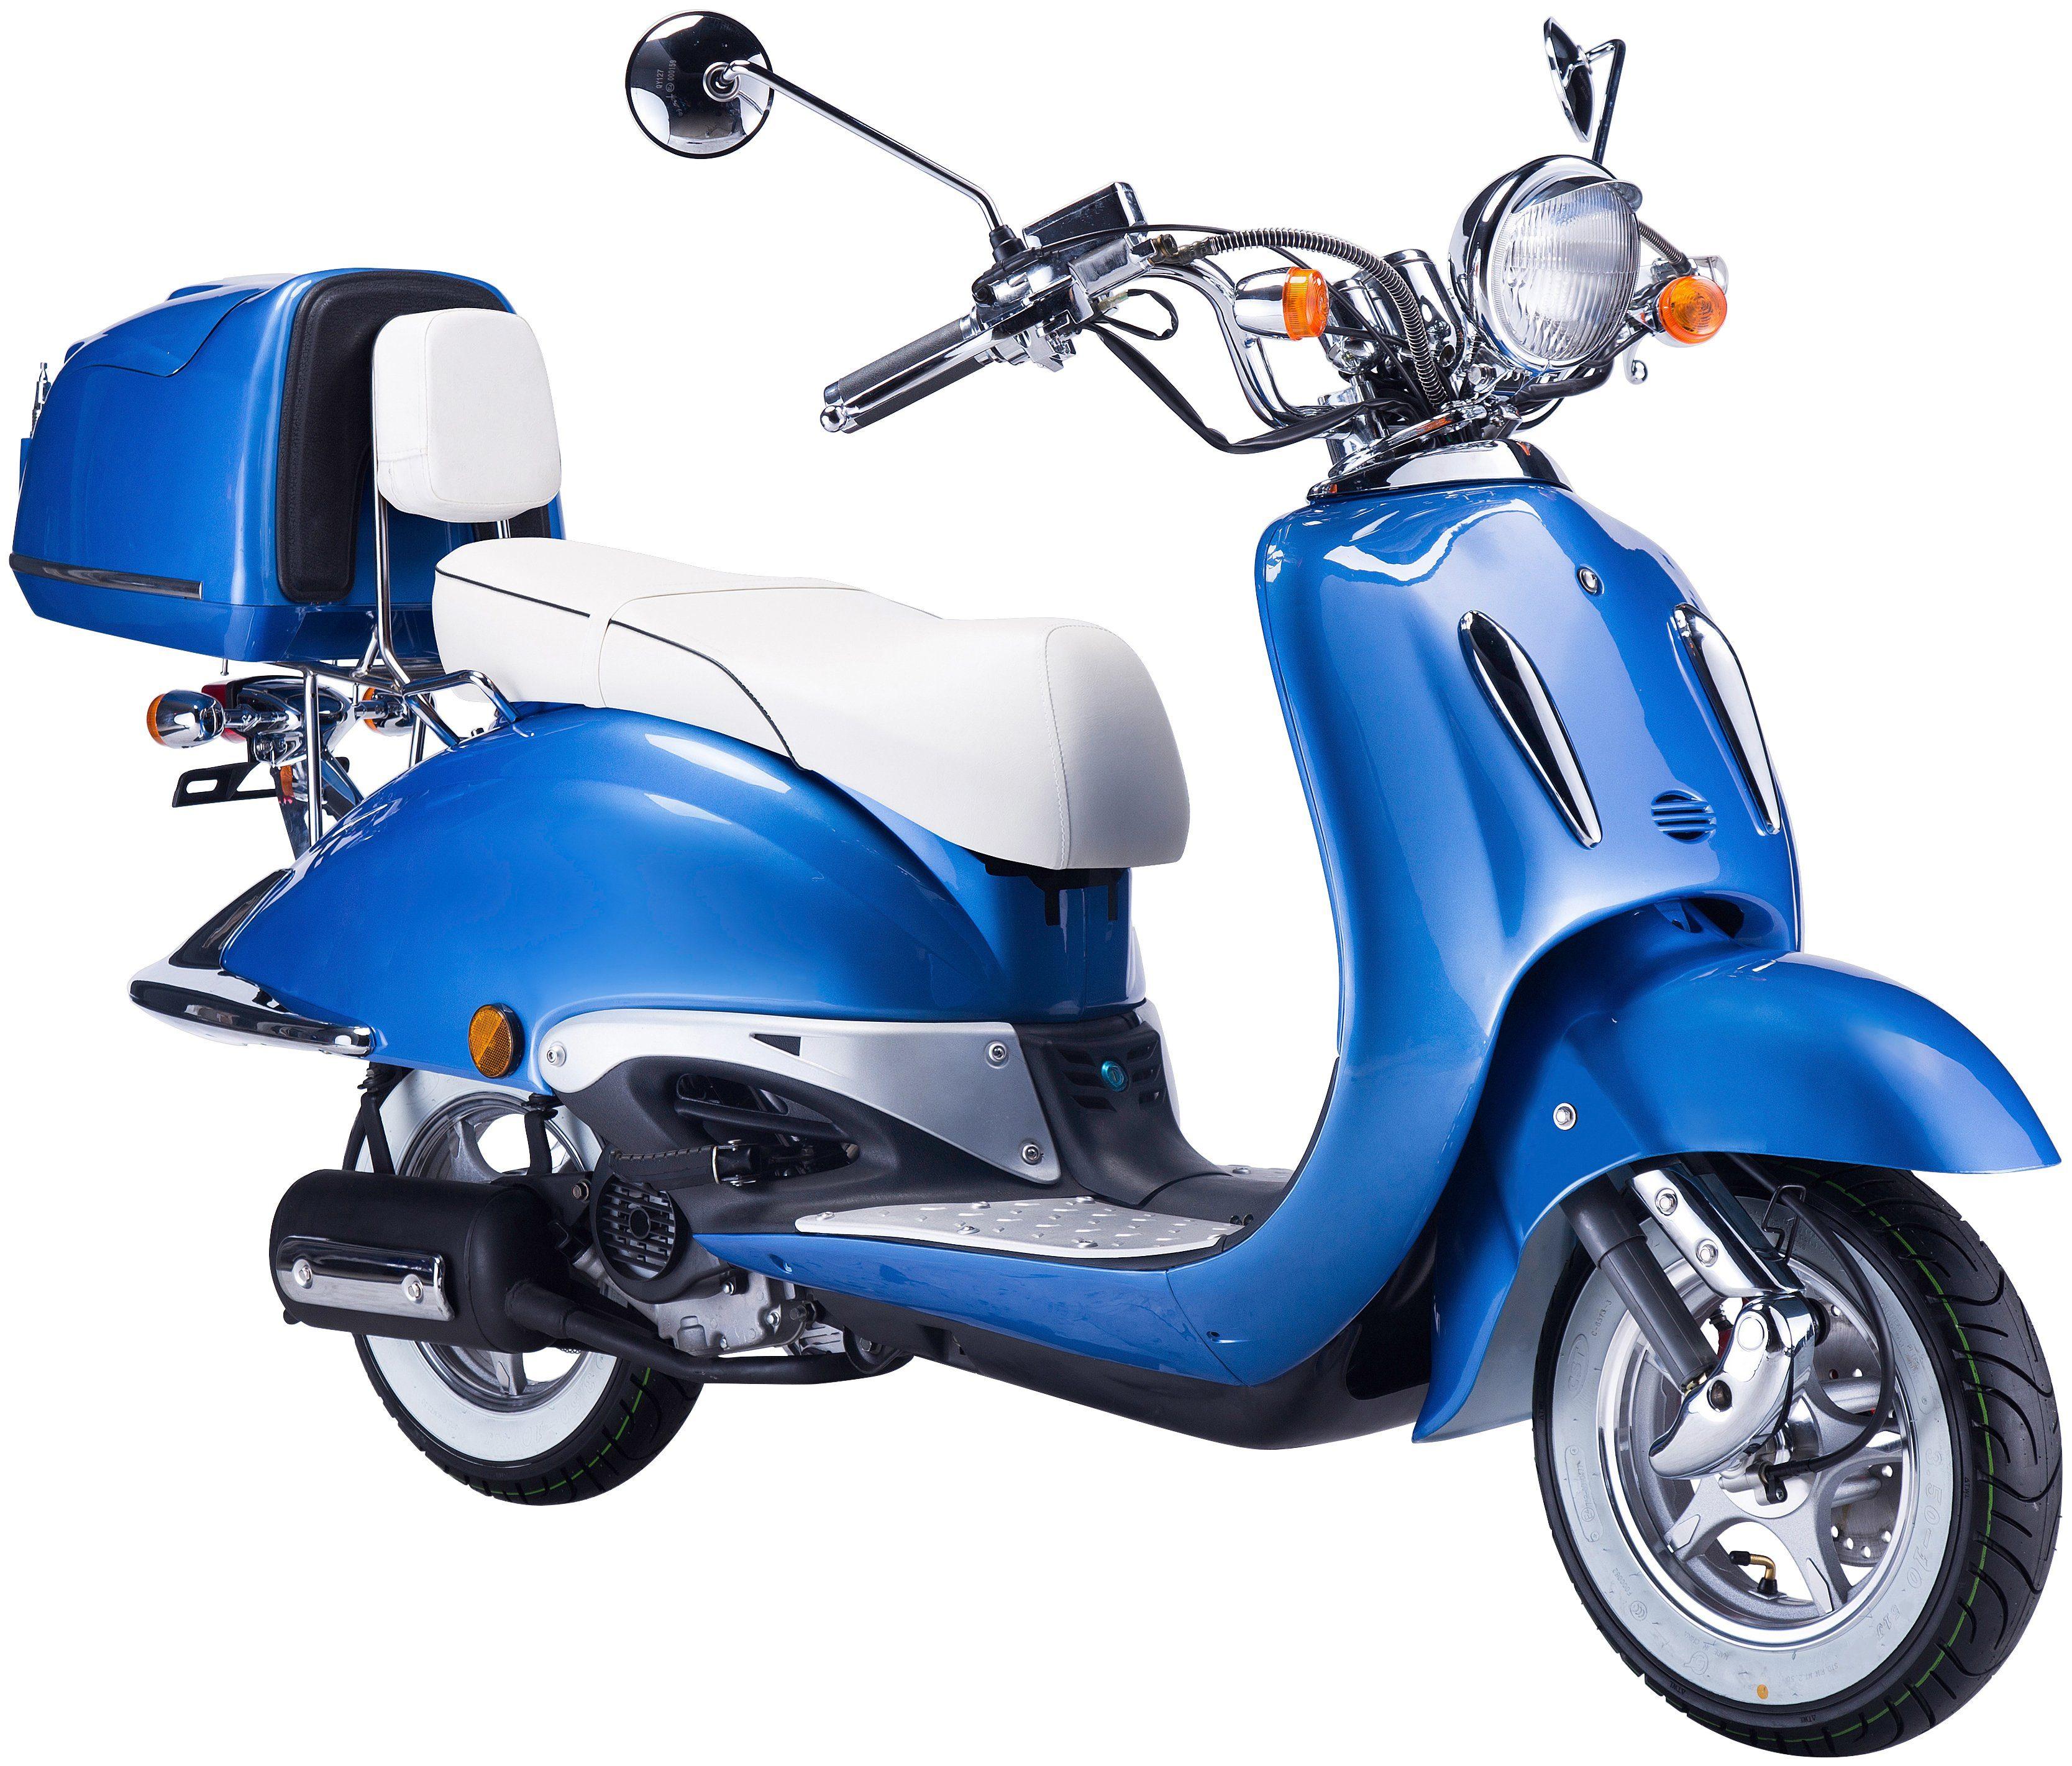 GT UNION Motorroller »Strada«, 50 ccm, blau-weiß